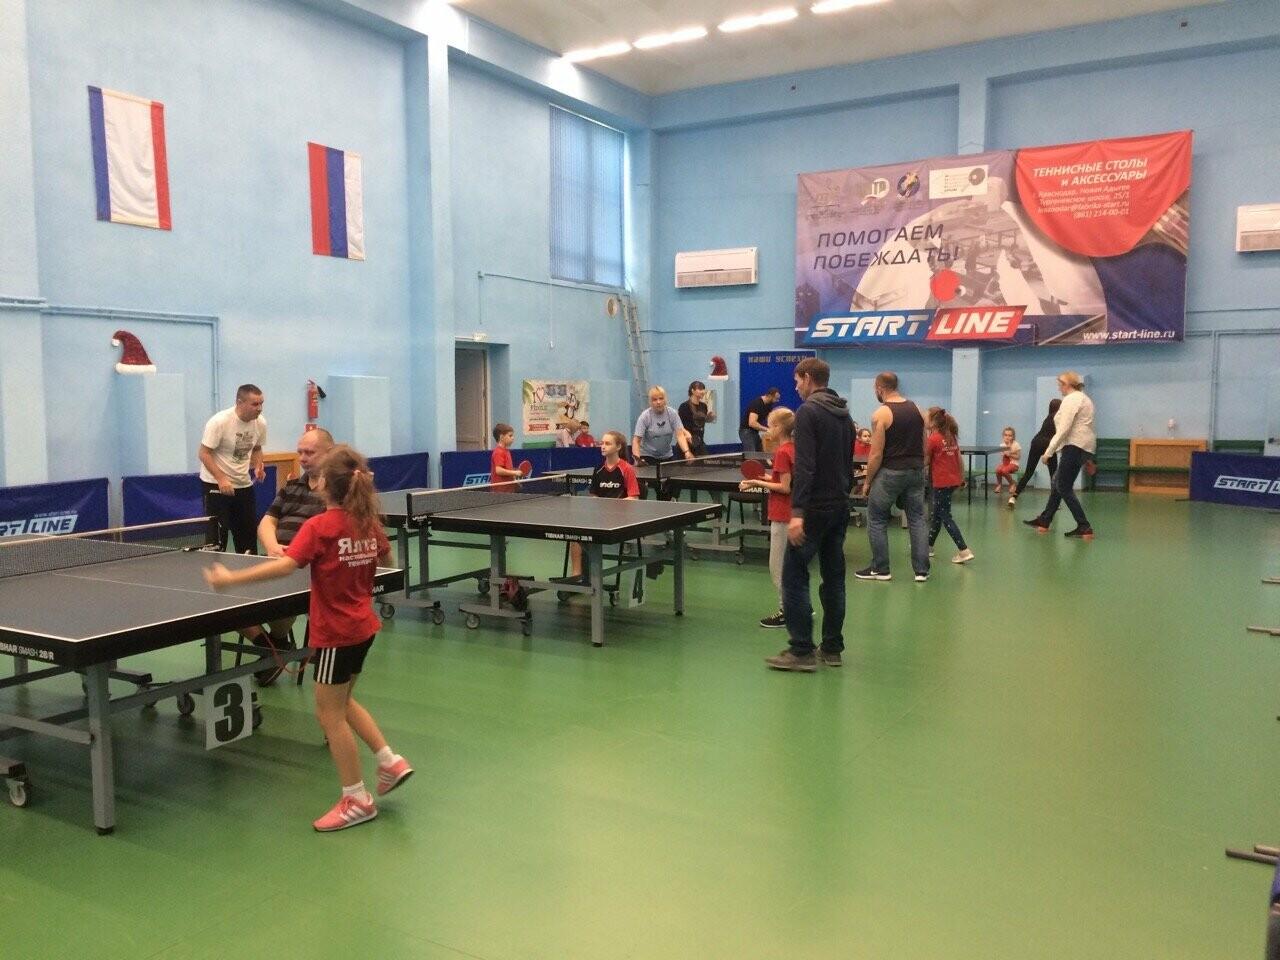 В Ялте прошел семейный турнир по настольному теннису, фото-2